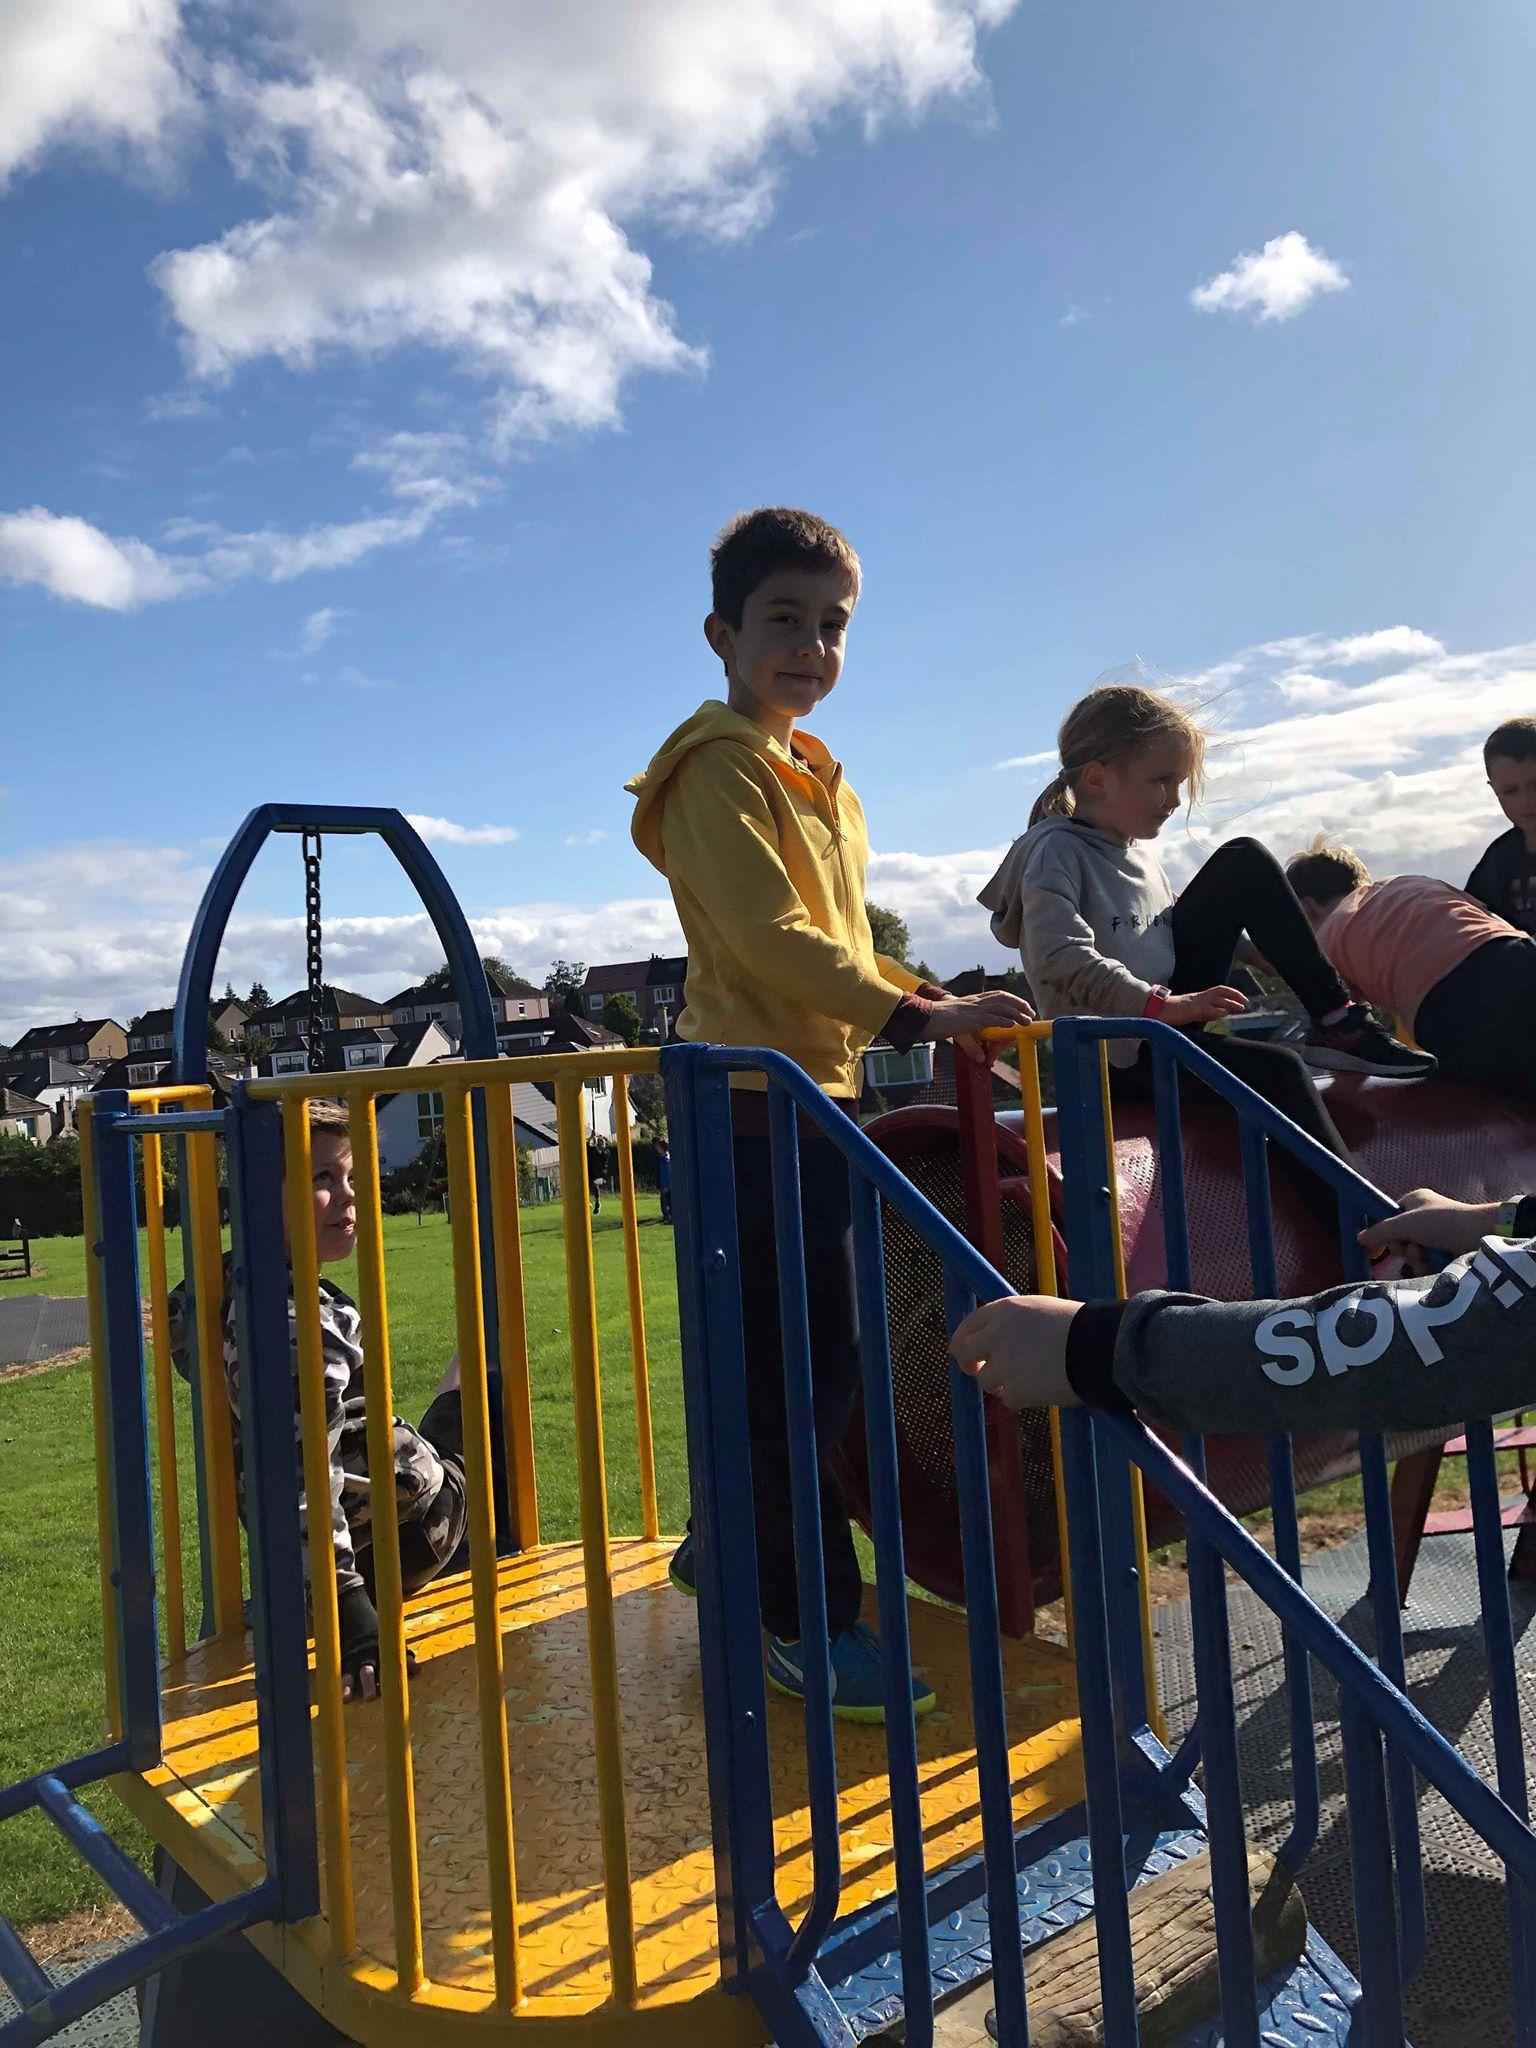 OSC - children in park